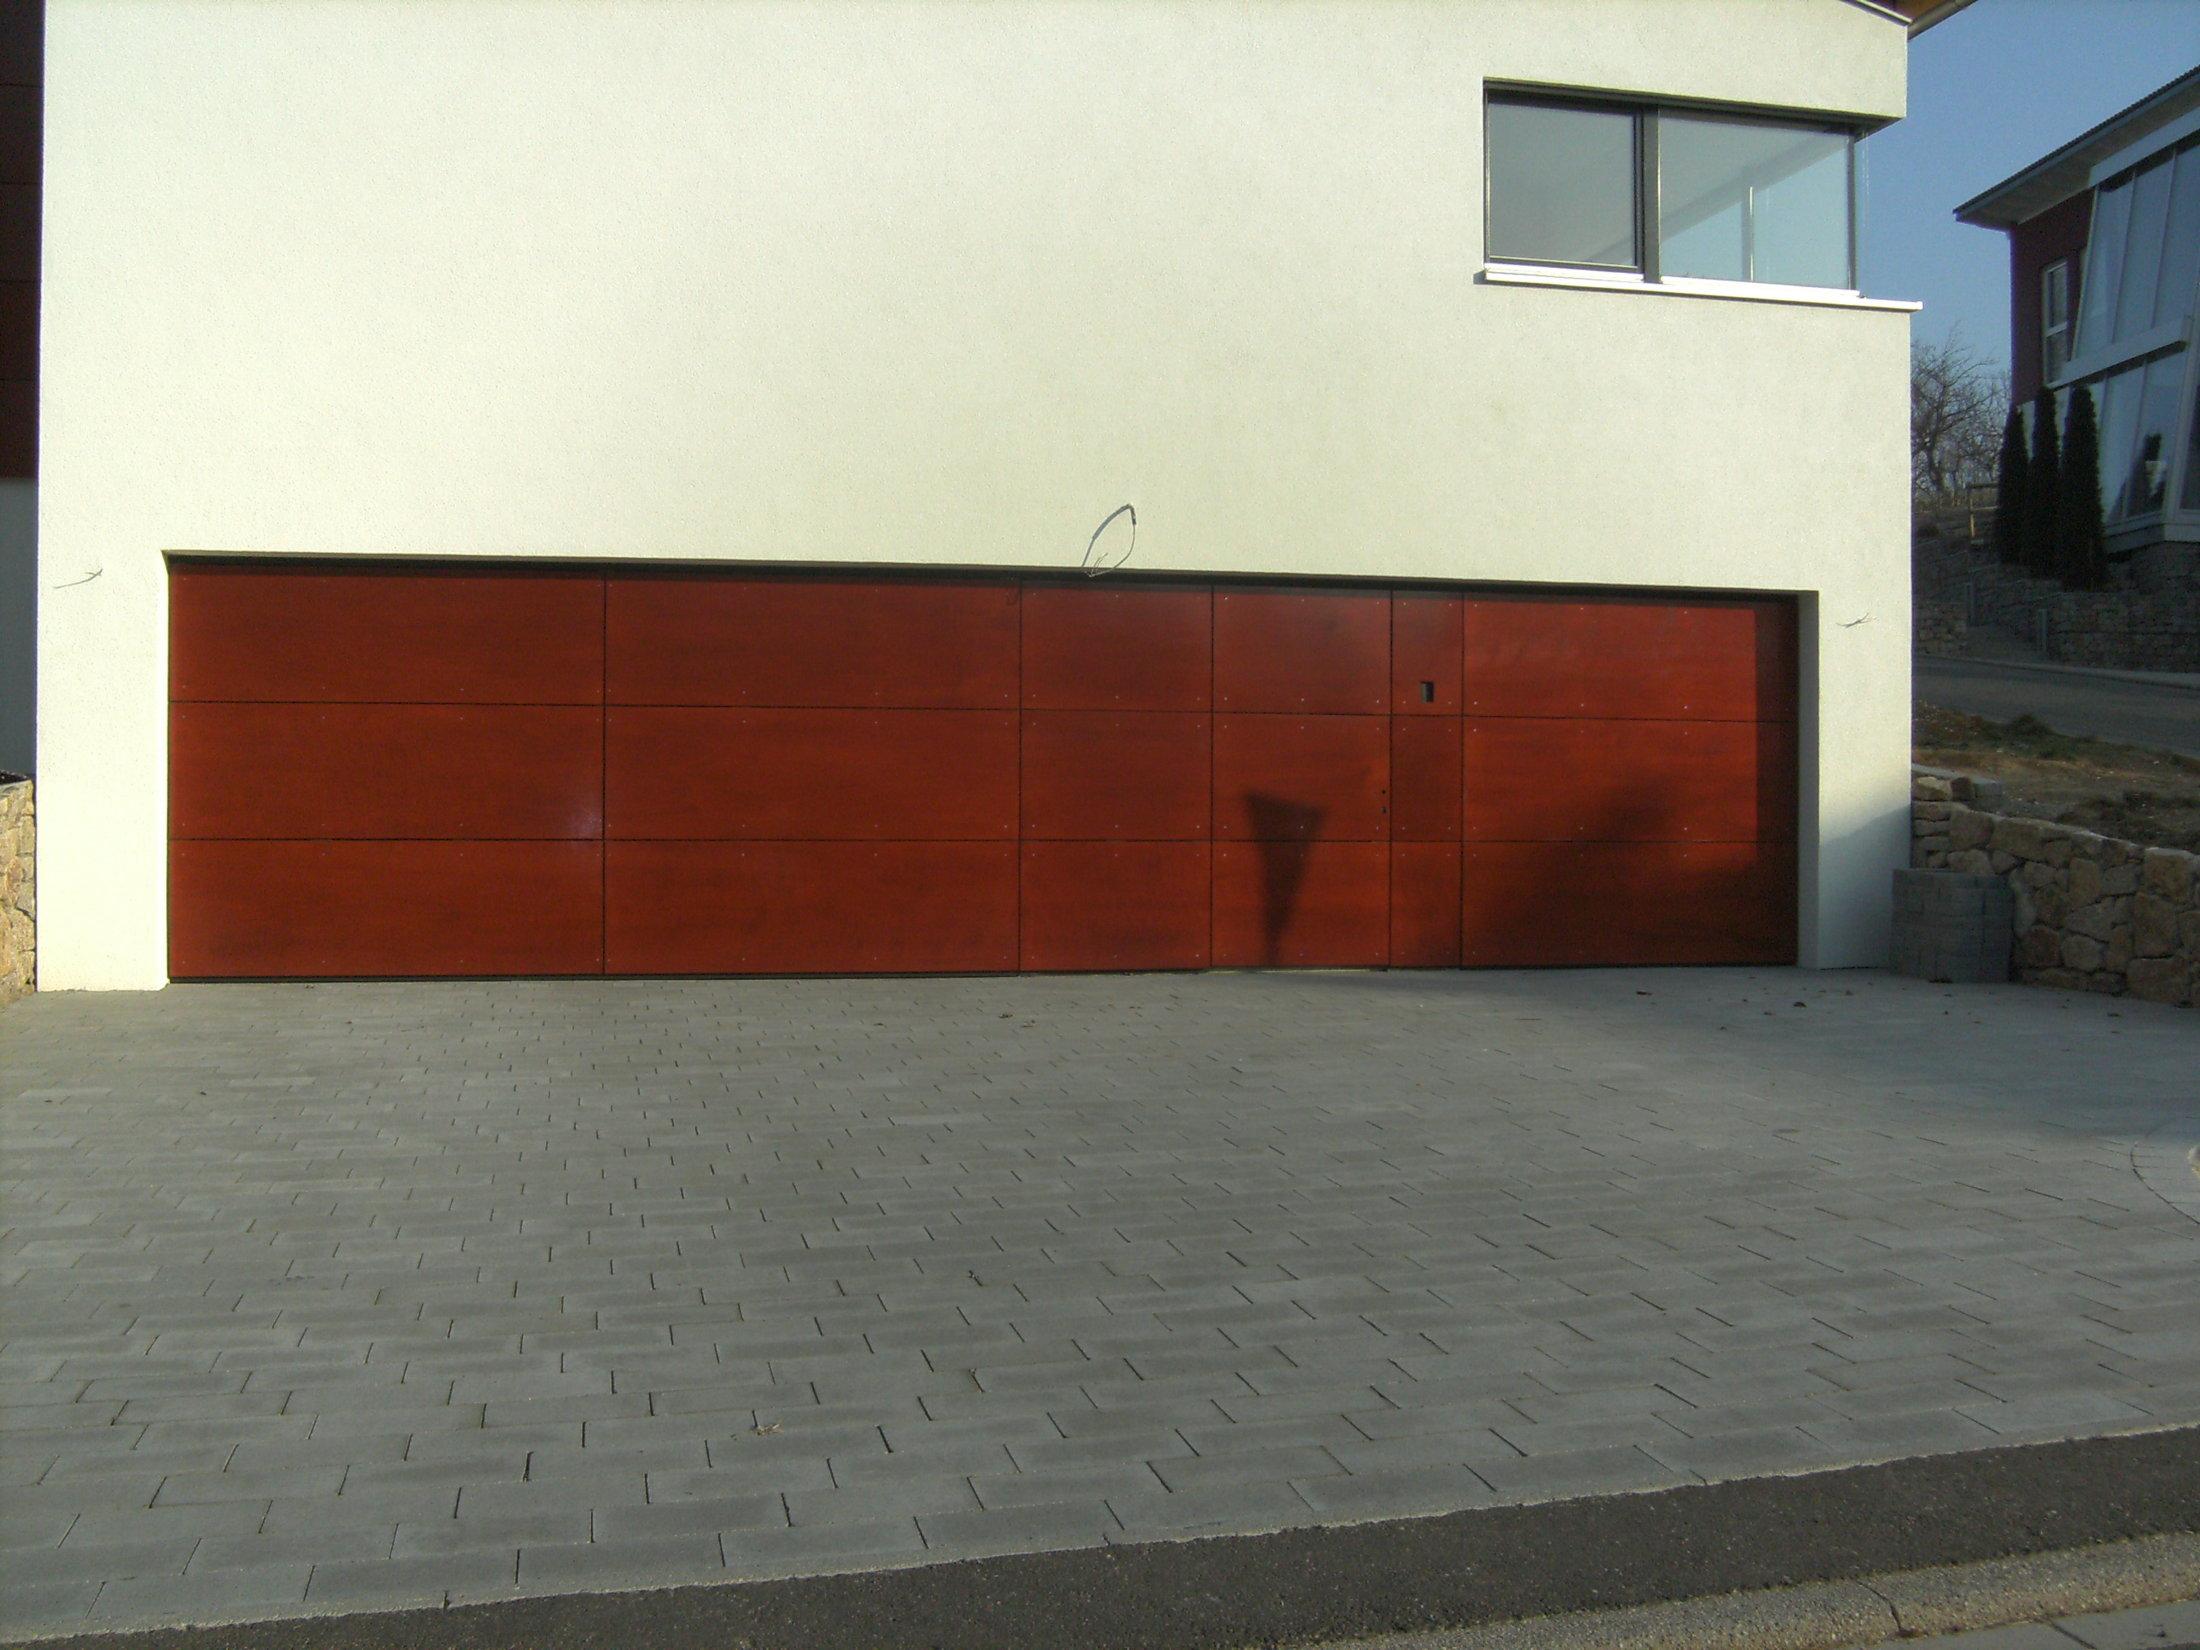 Flächenbündige Schwingtore mit Schlupftüre zwischen den Toren. Fläche mit lasierter Holzplatte verkleidet.